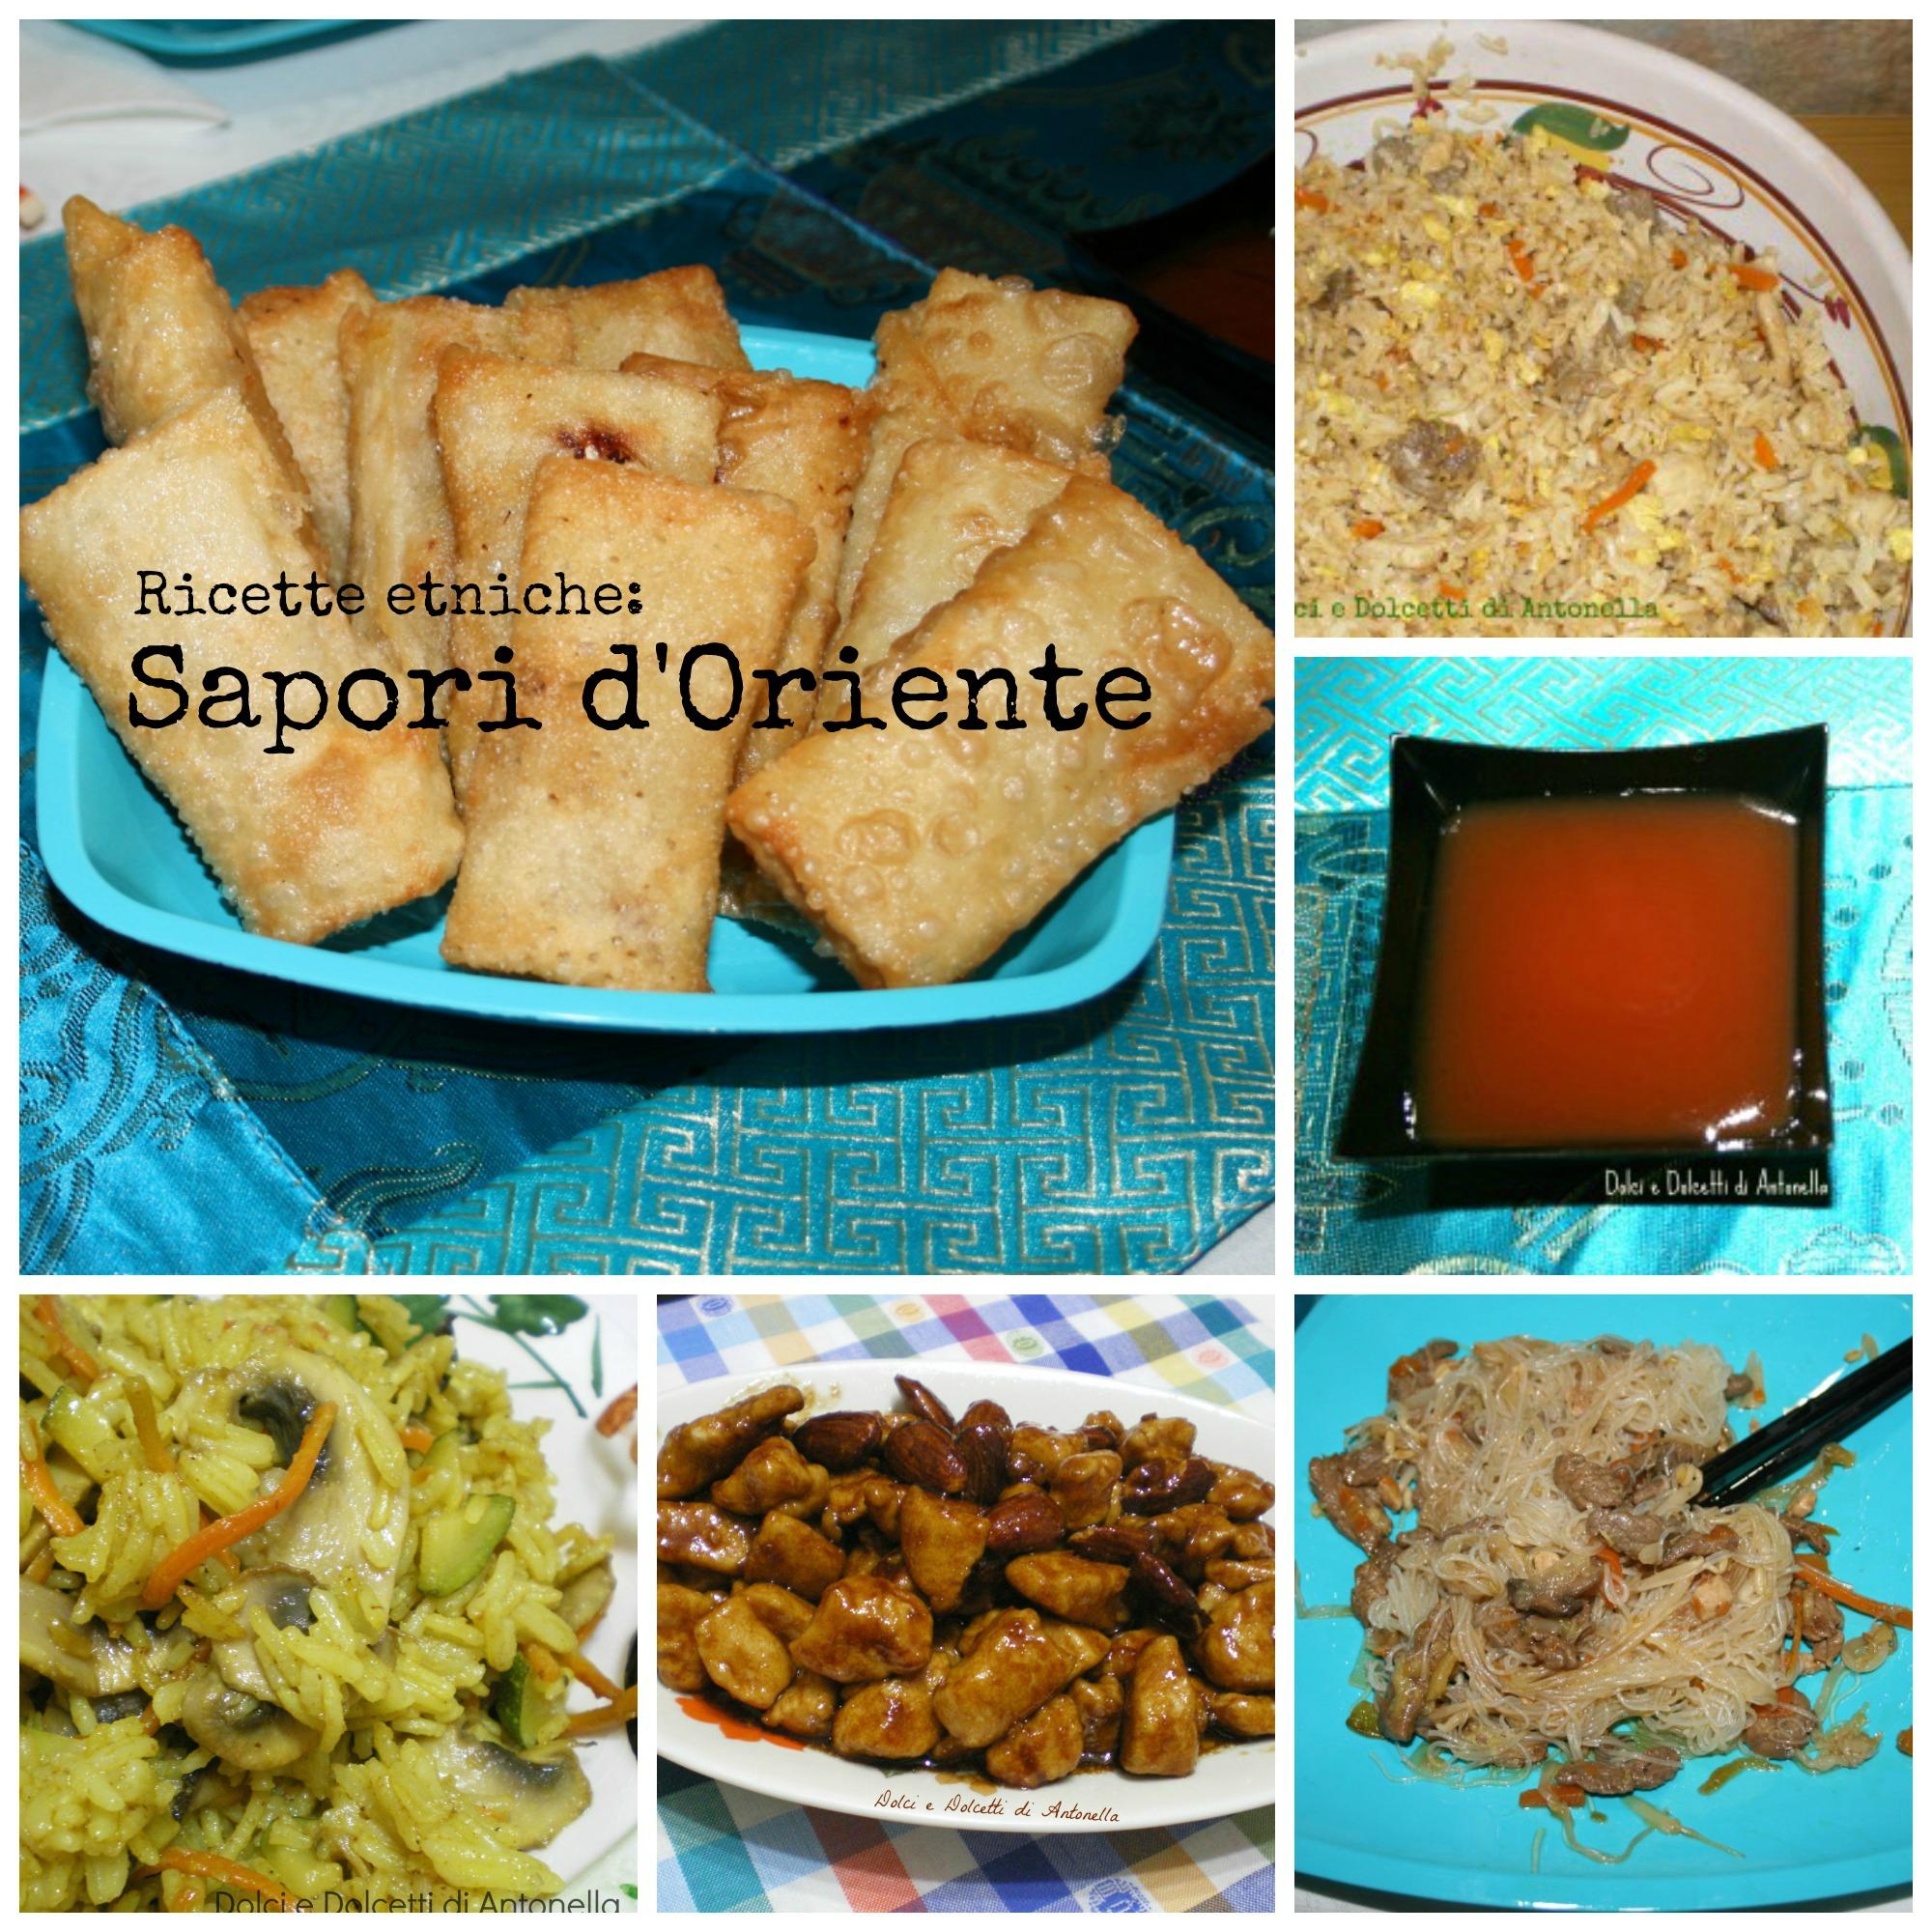 ricettario gratuito ricette etniche sapori d 39 oriente